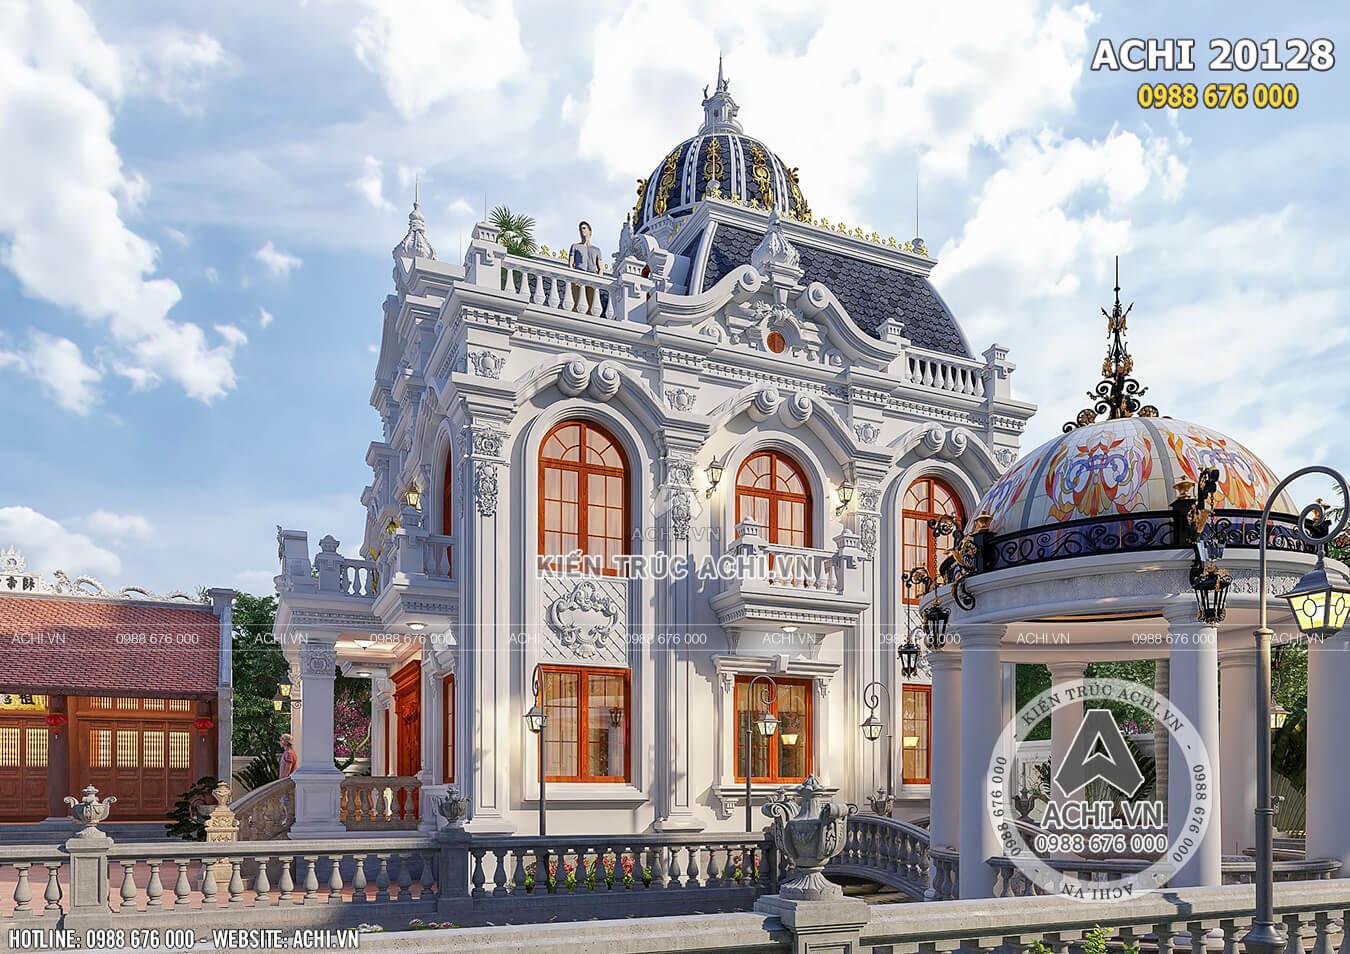 Không gian ngoại thất đẹp hút hồn mẫu dinh thự lâu đài đẹp kiến trúc tân cổ điển Pháp huyền thoại